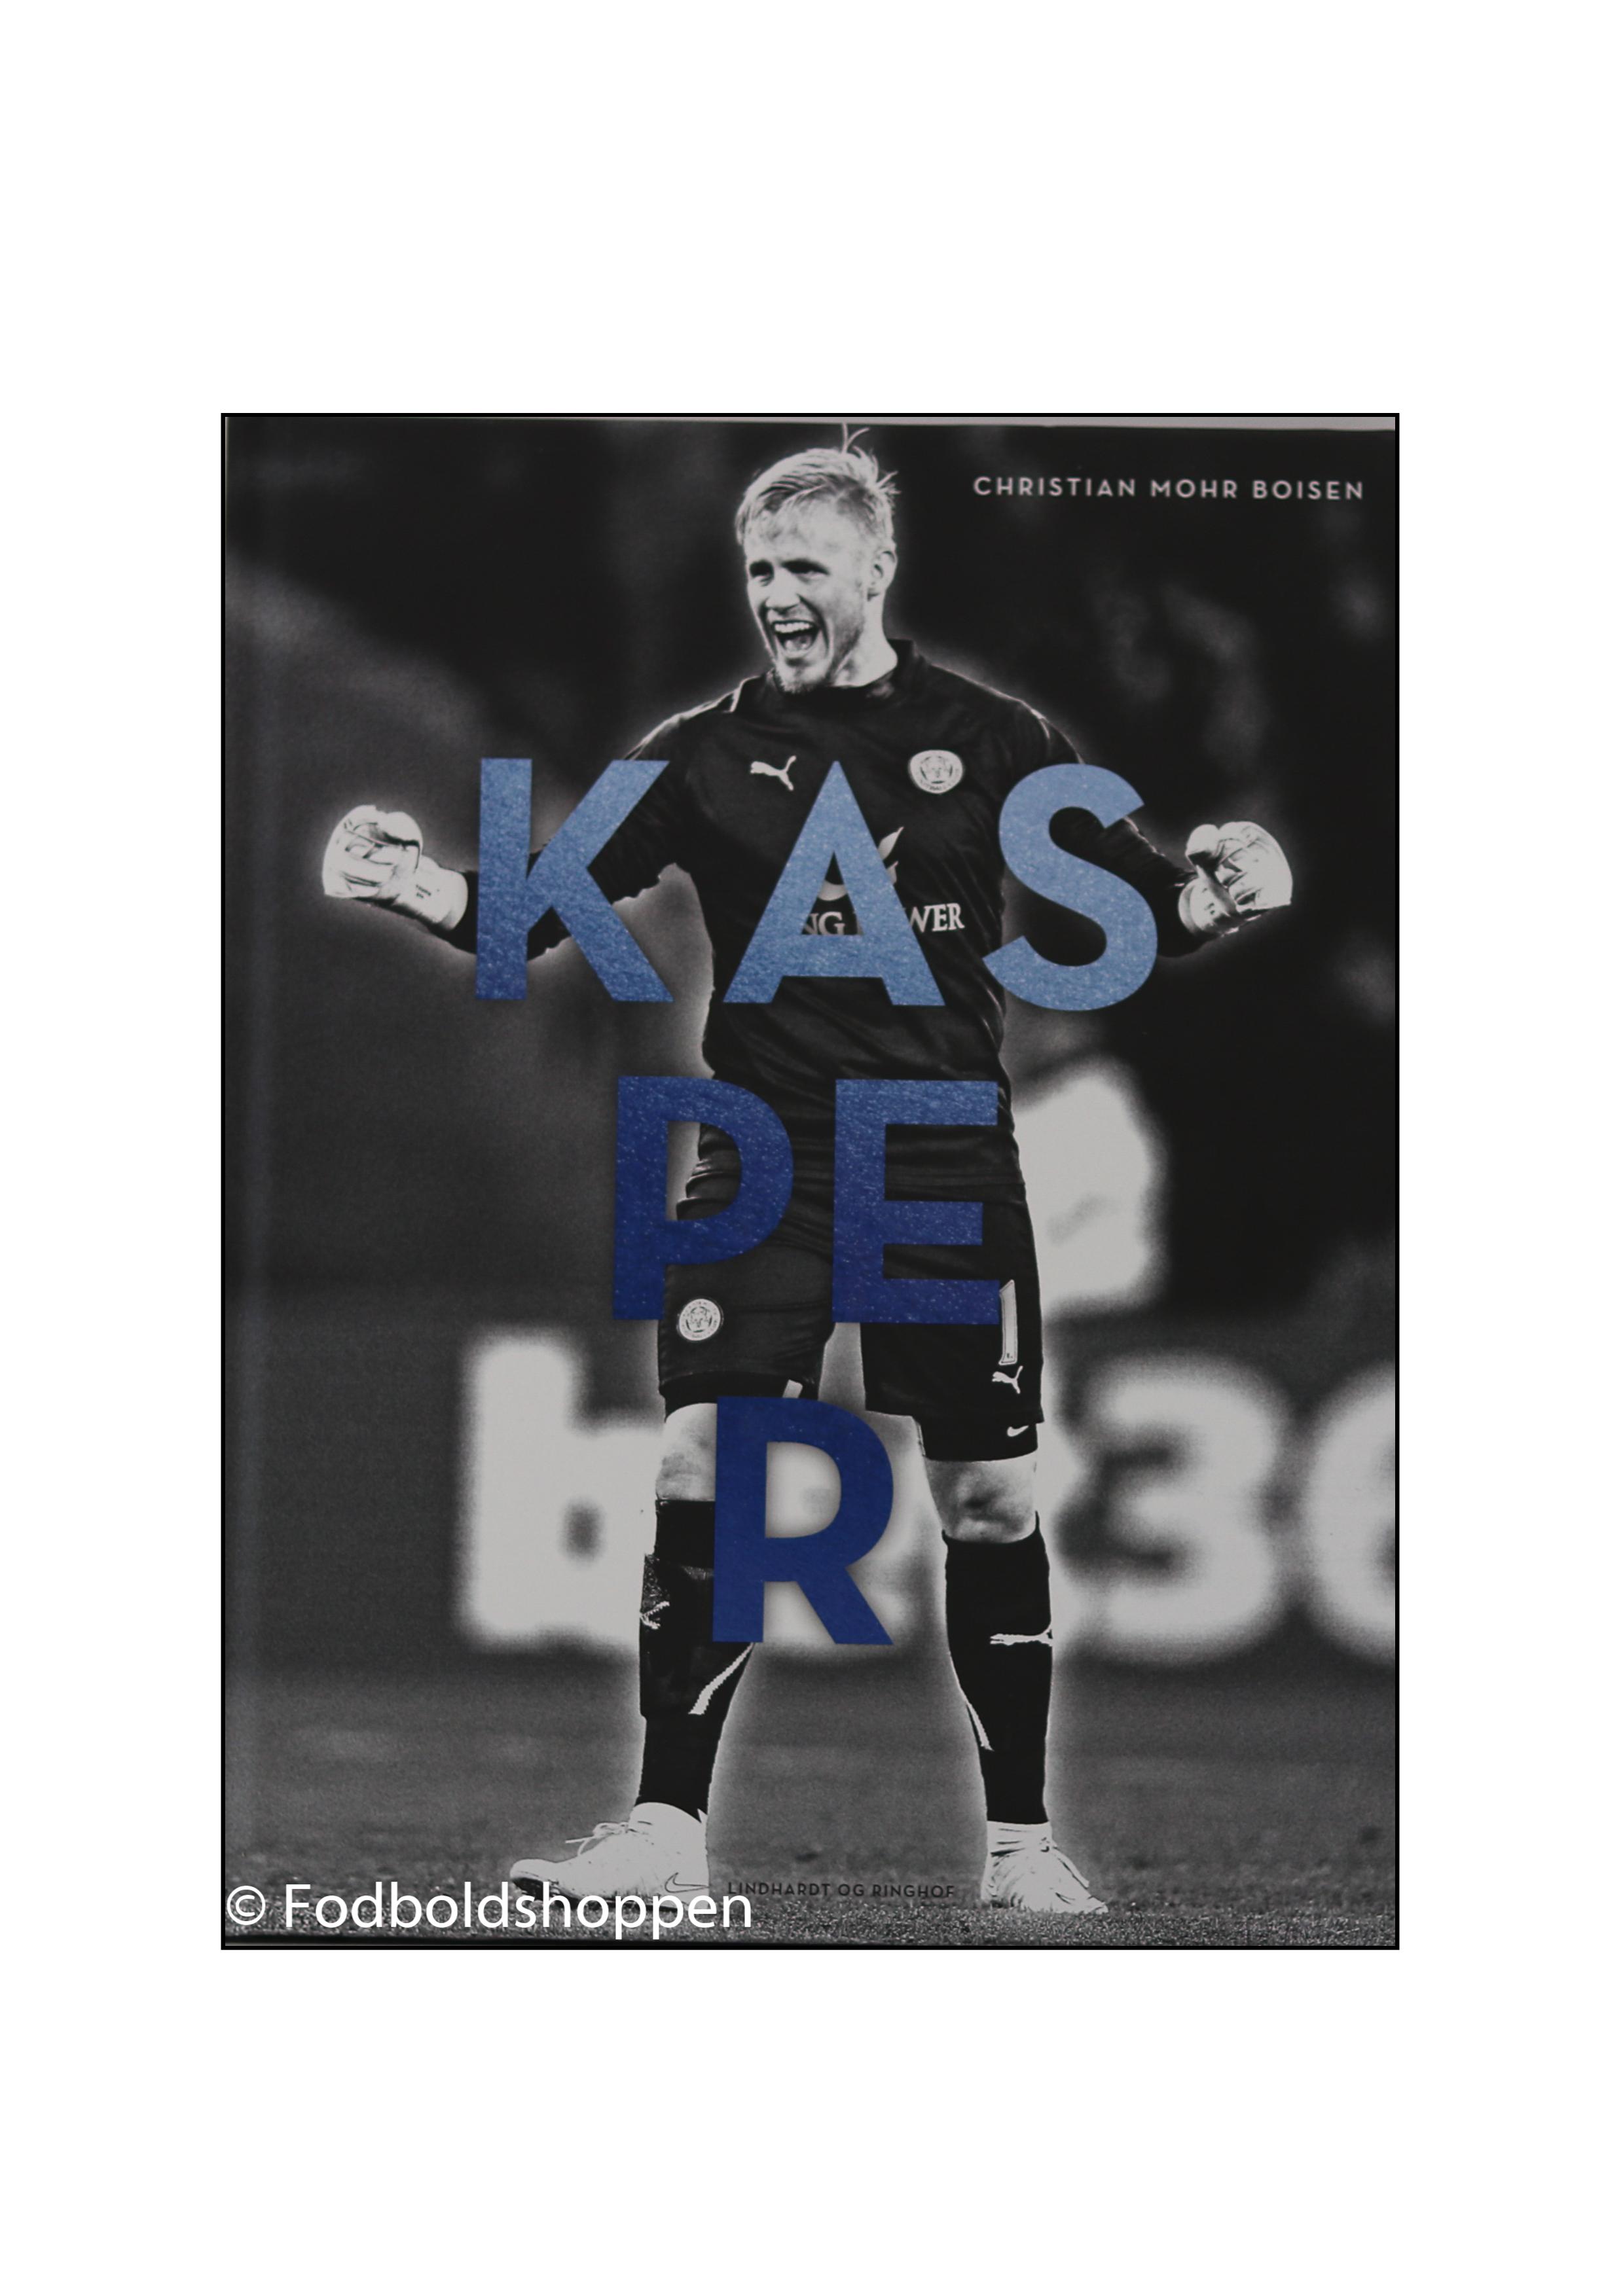 Fodbold om Kasper Schmeichel